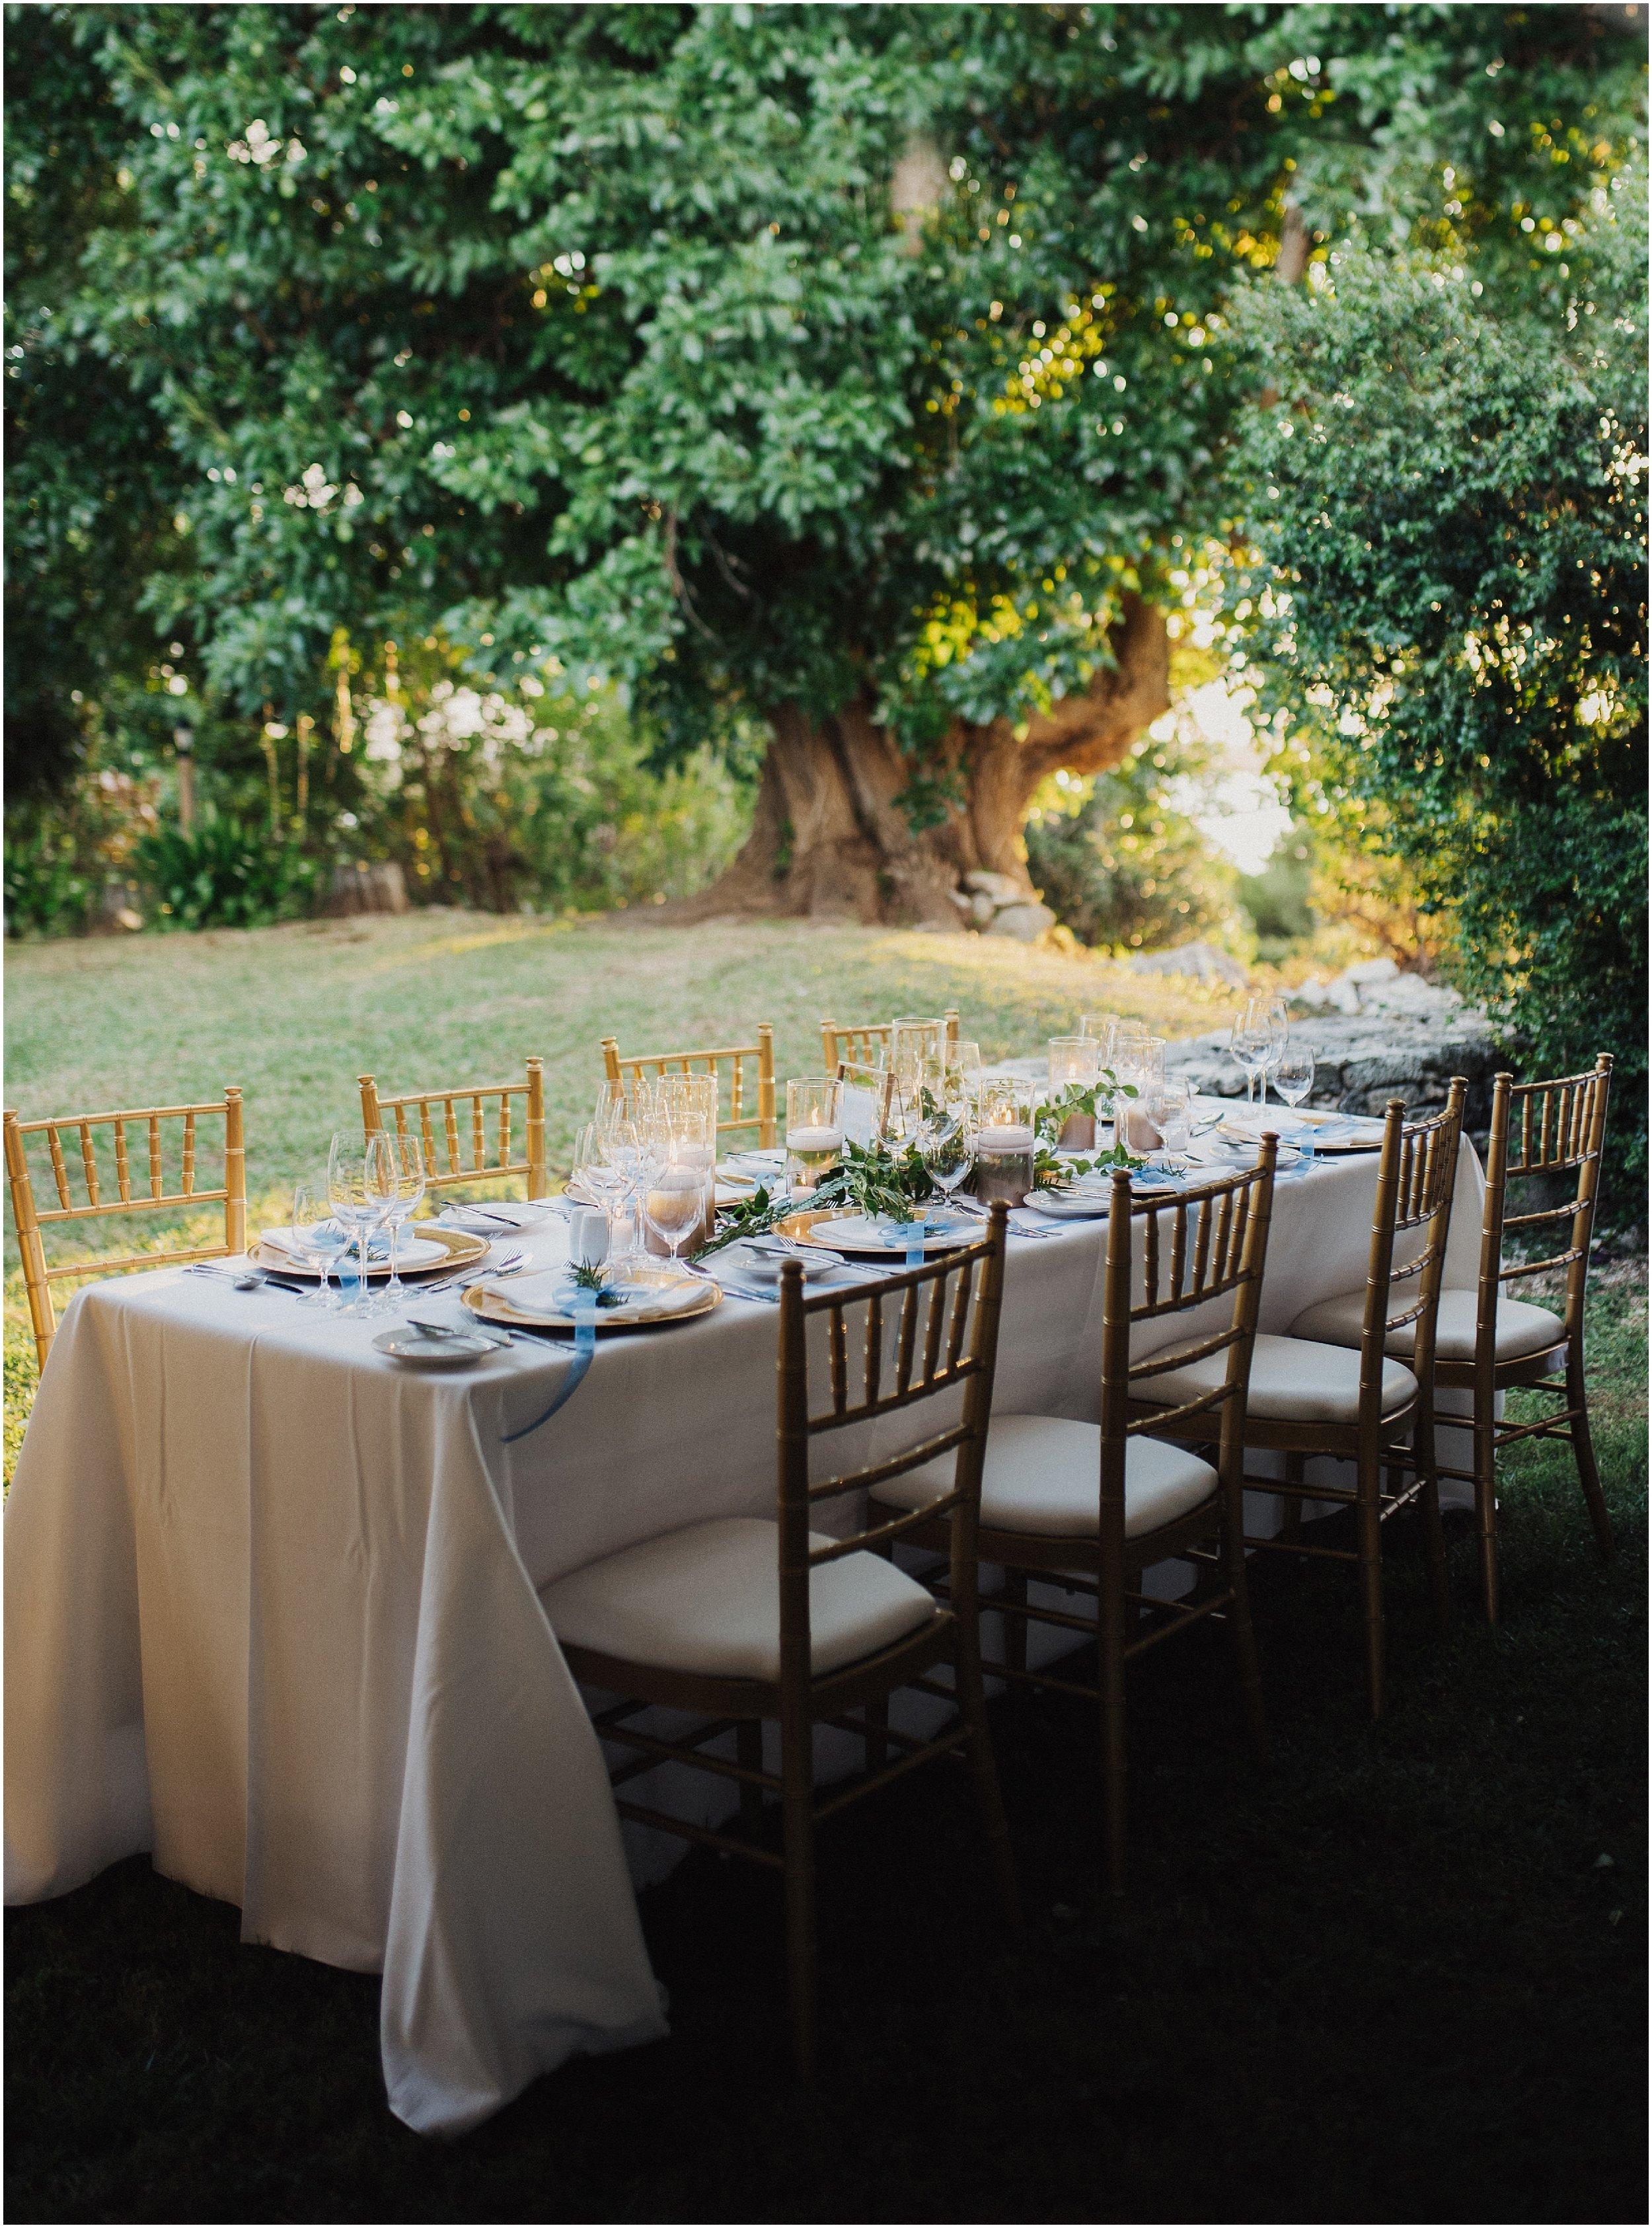 Blue wedding details tablescape